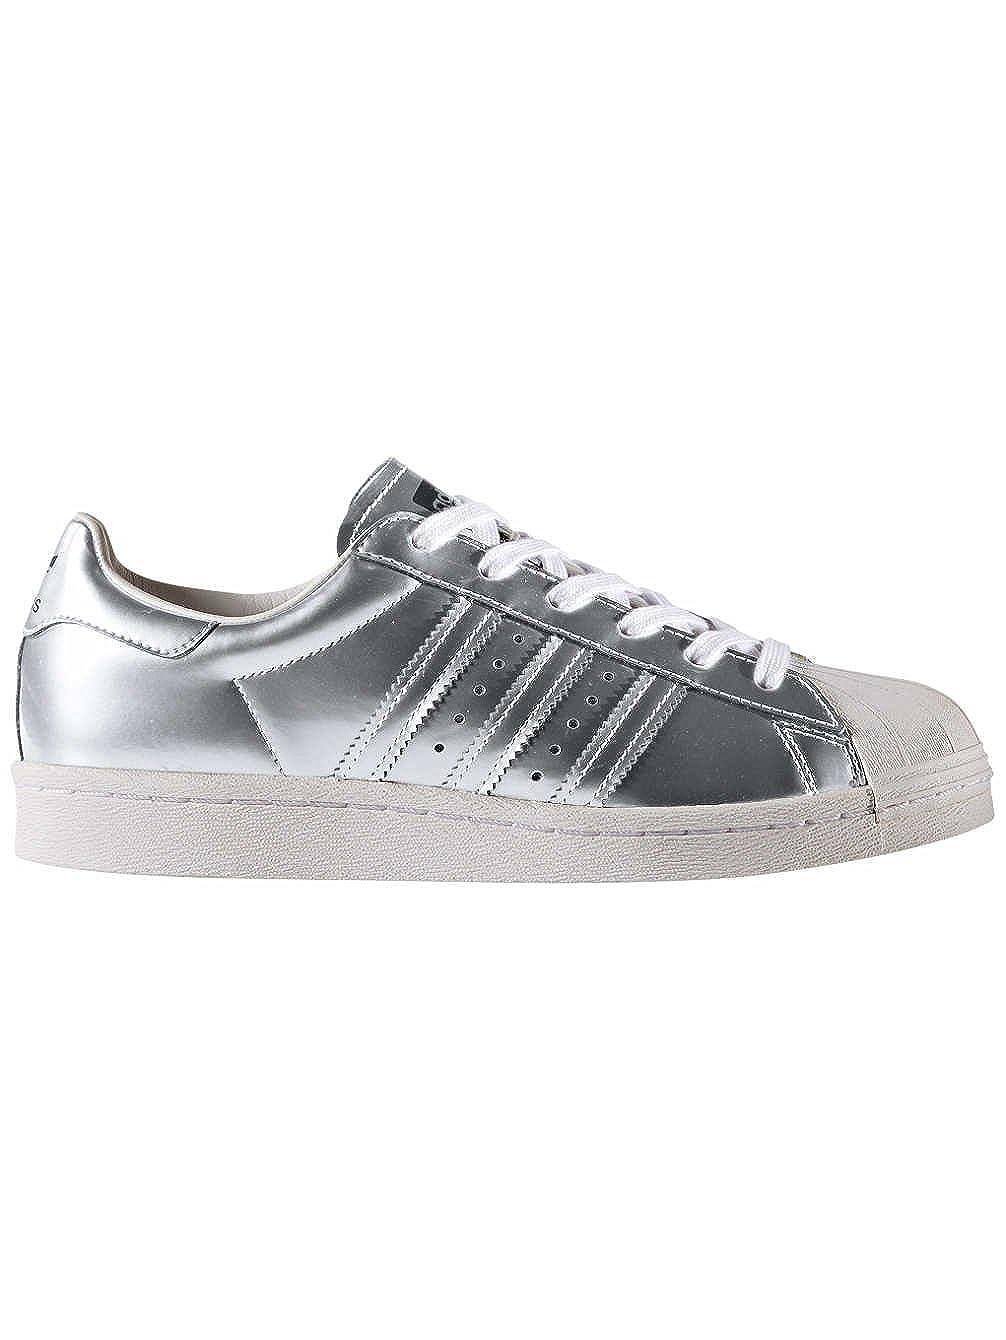 adidas Superstar Boost W Silver Metallic White 41